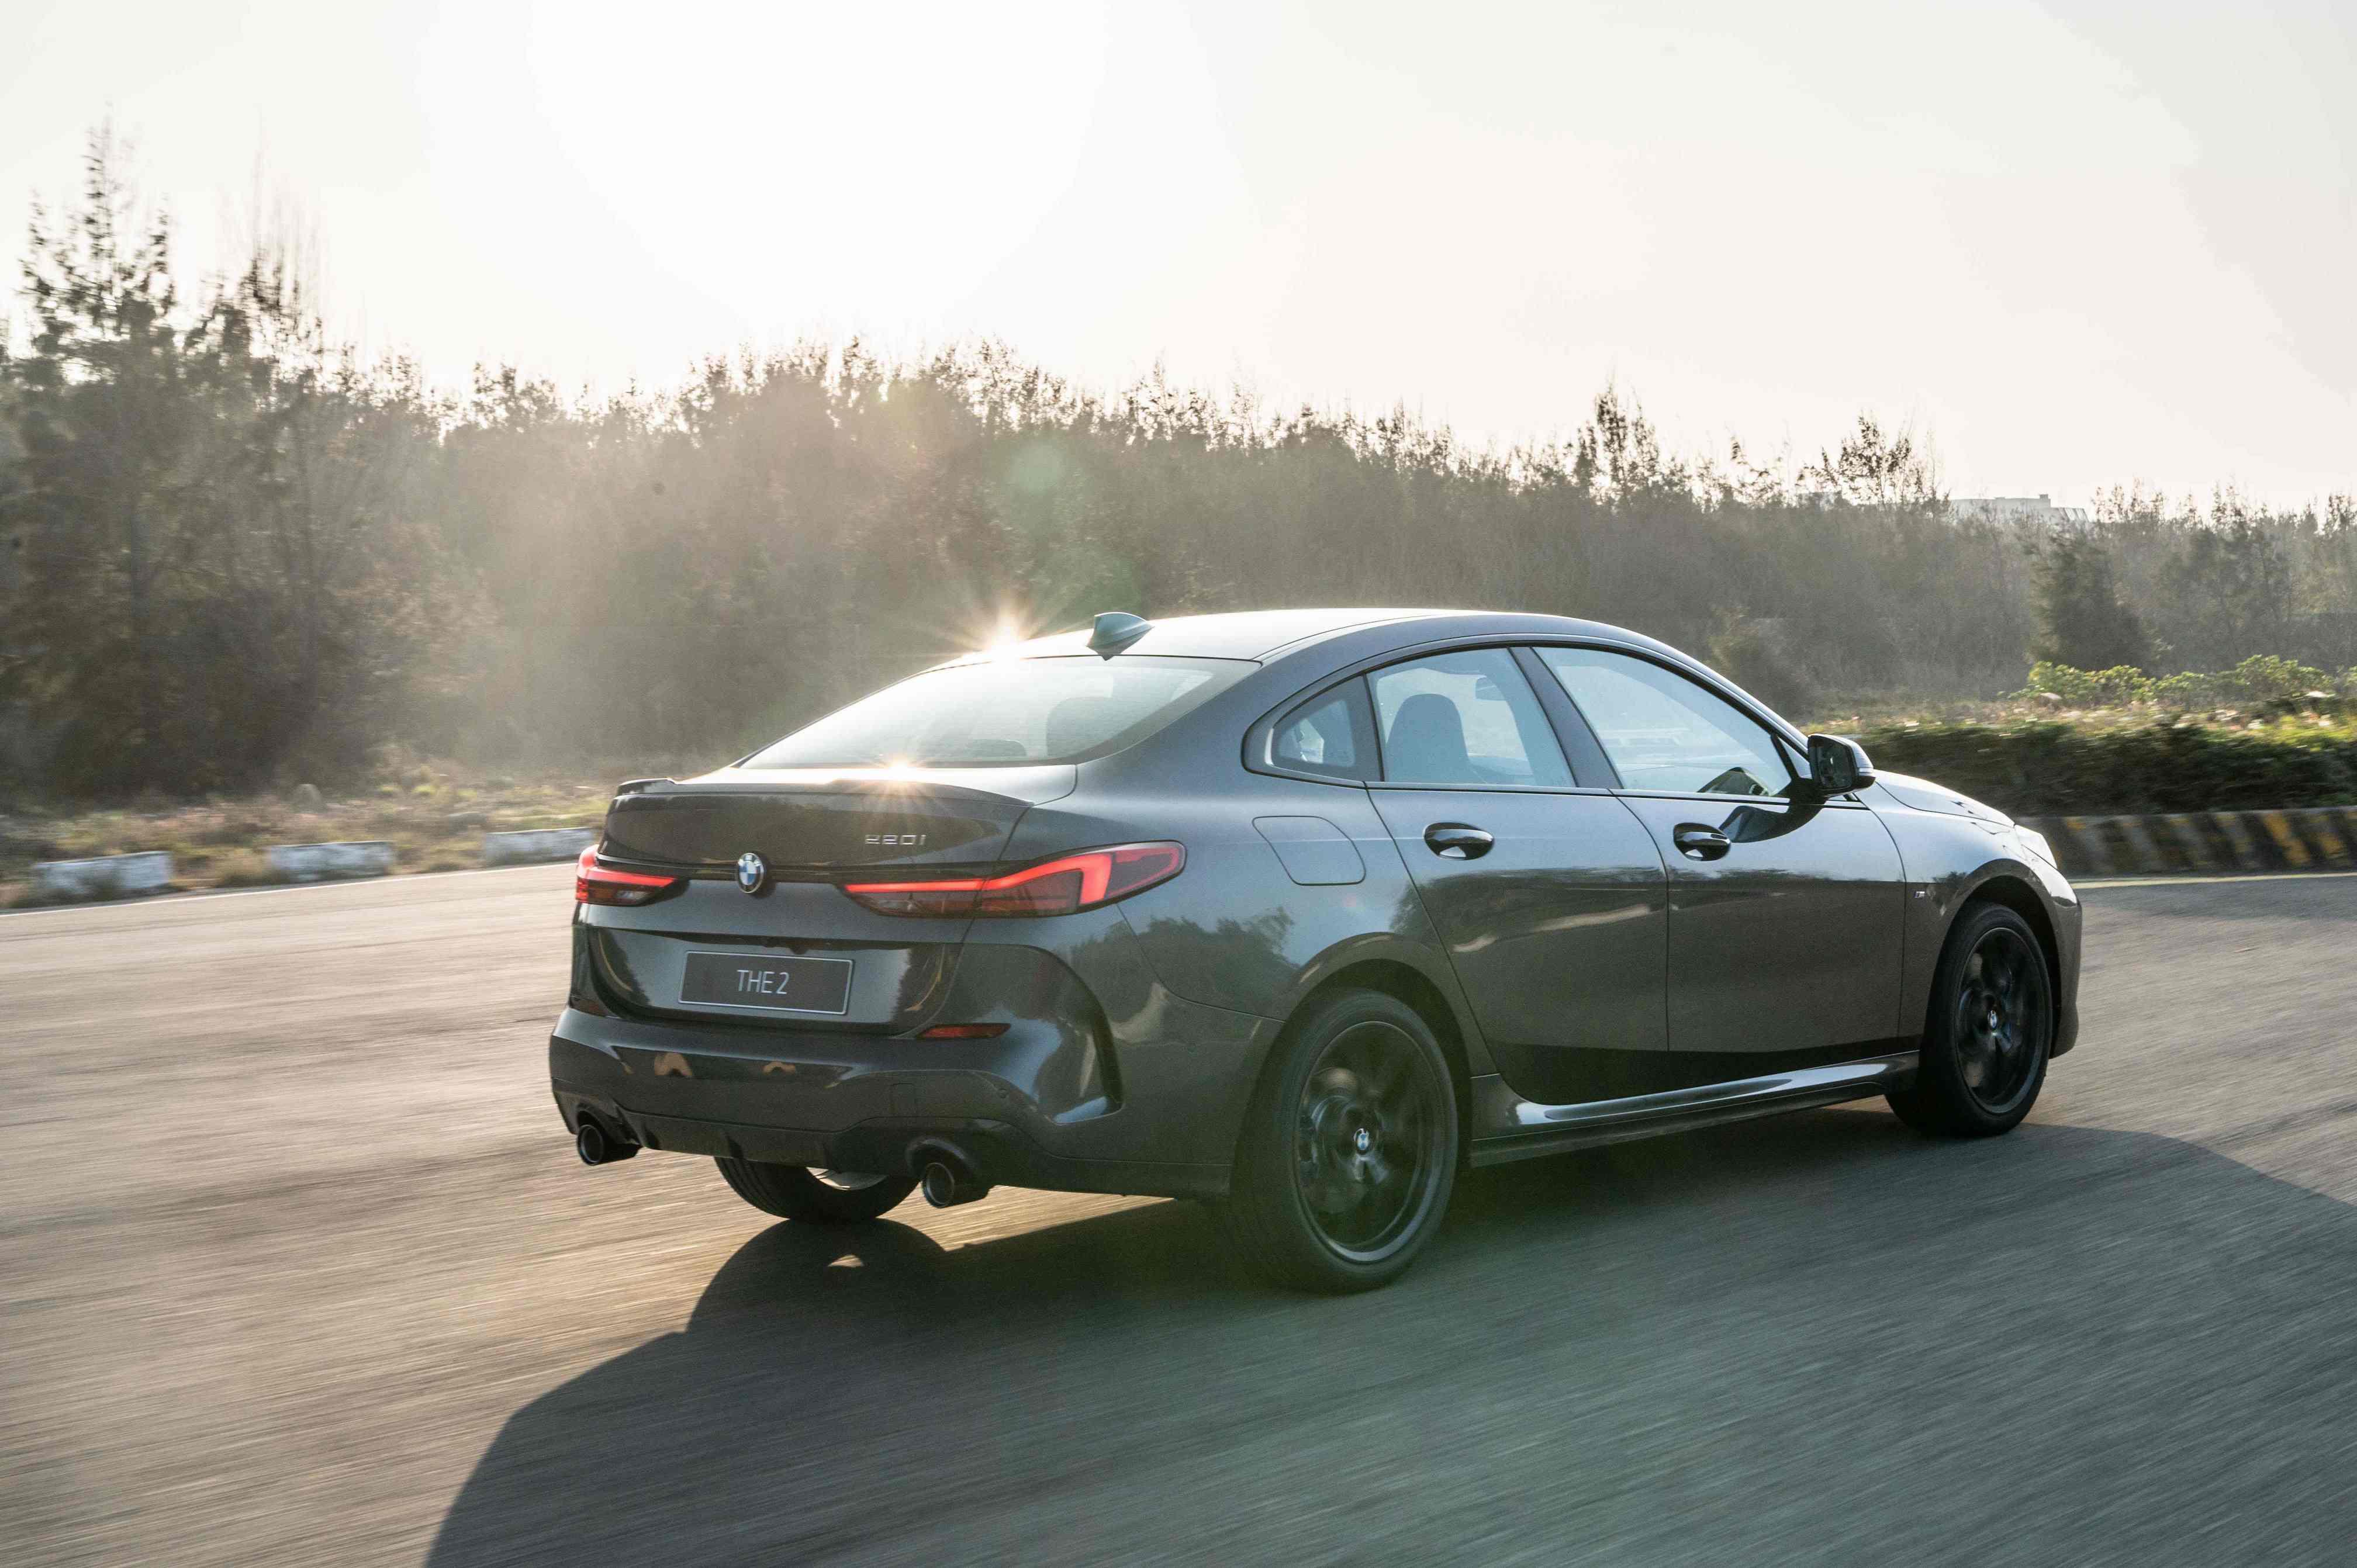 標準配備 M 款煞車套件、ARB 防滑控制系統與彎道控制系統(Performance Control)。